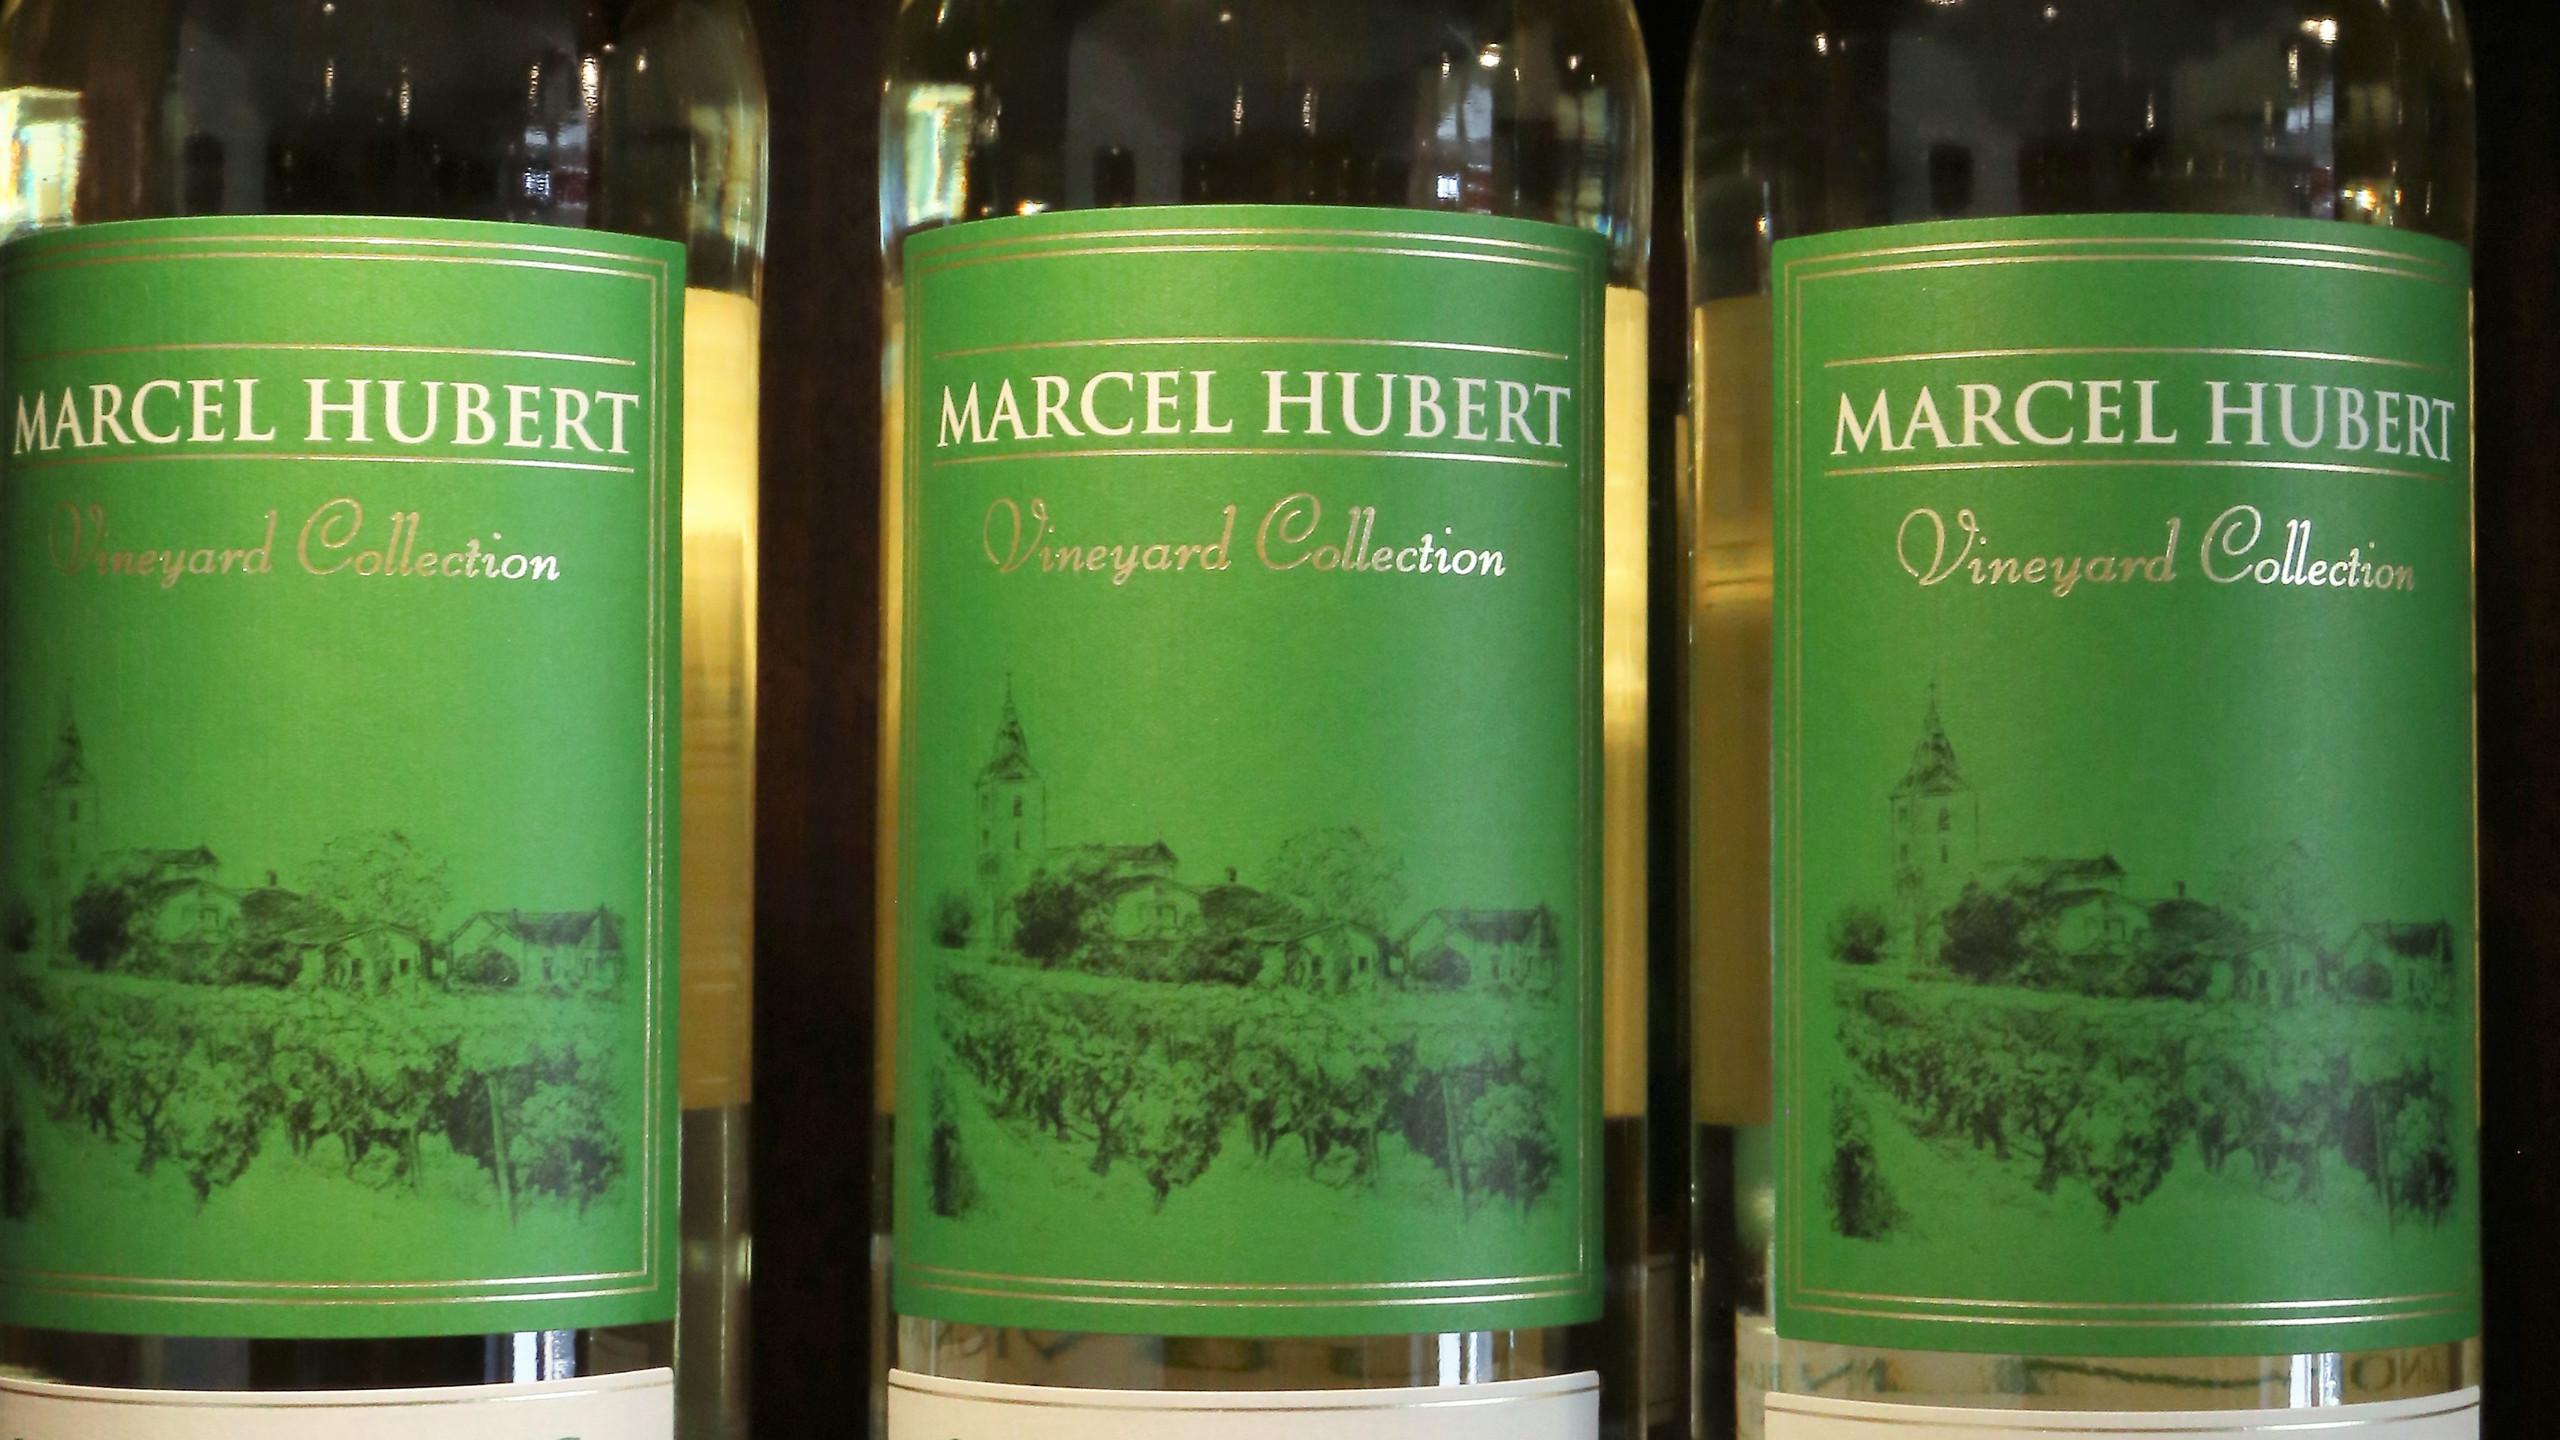 Marcel Hubert